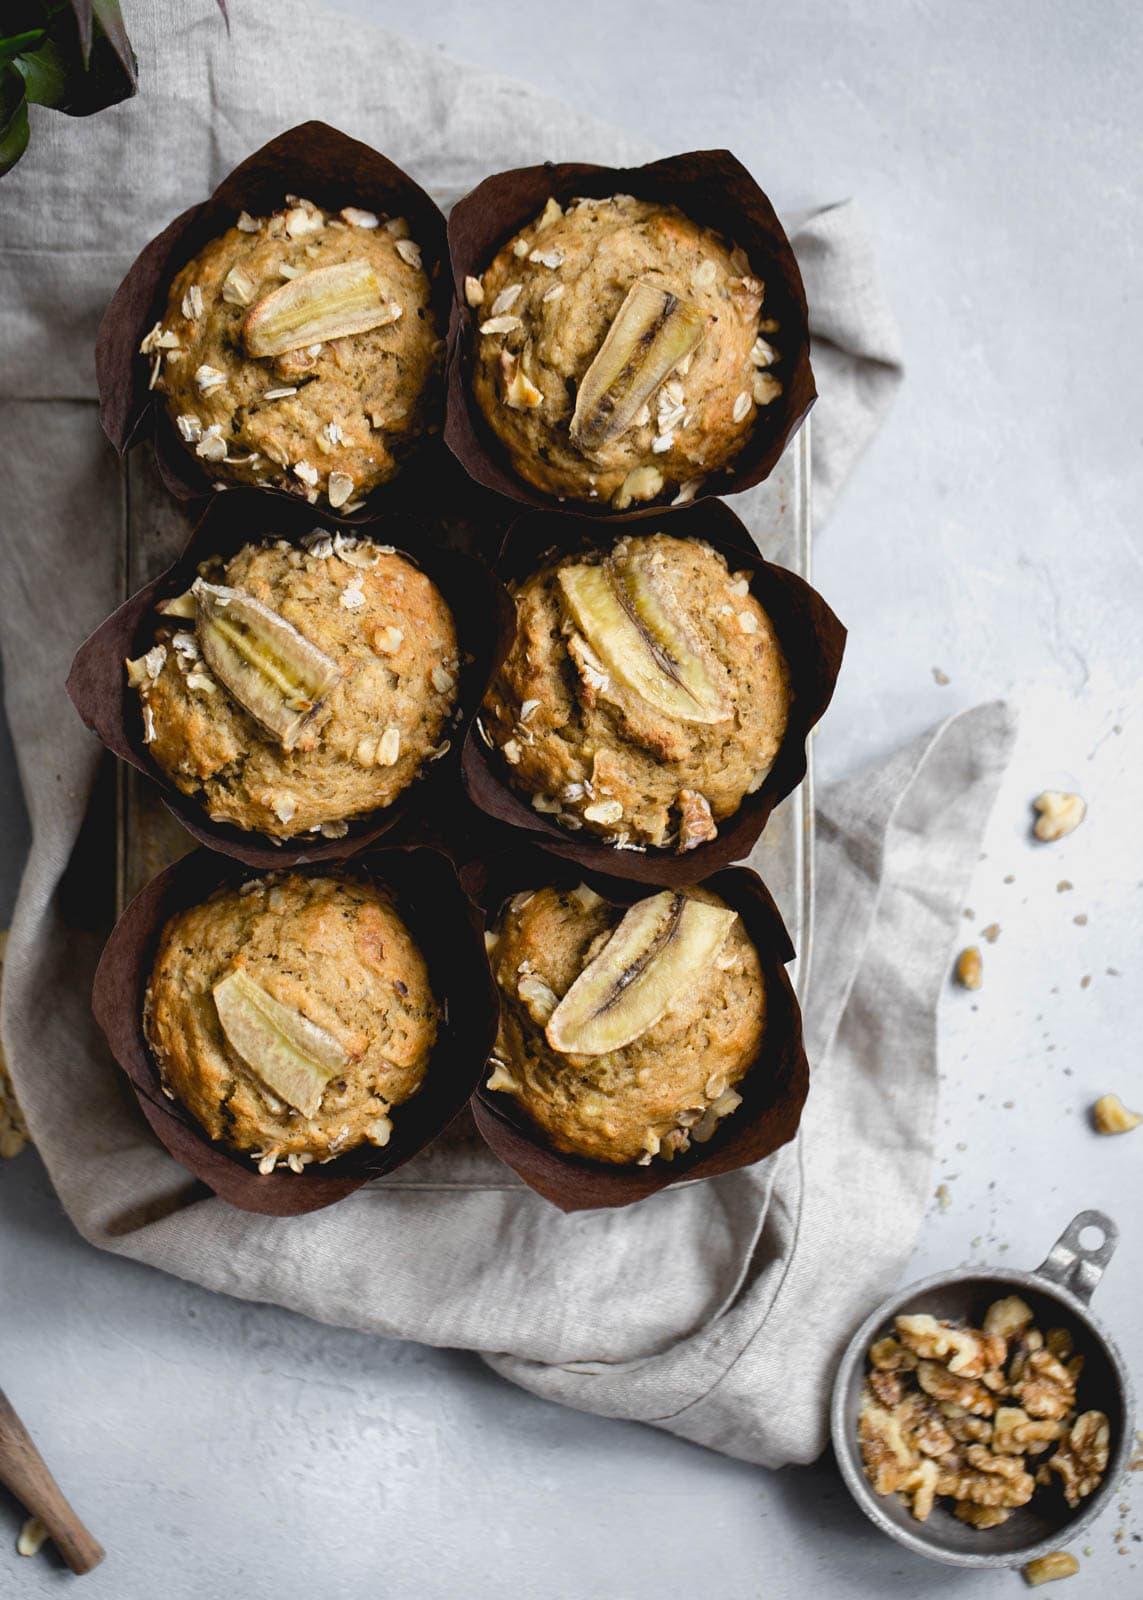 whole wheat banana muffins next to walnuts